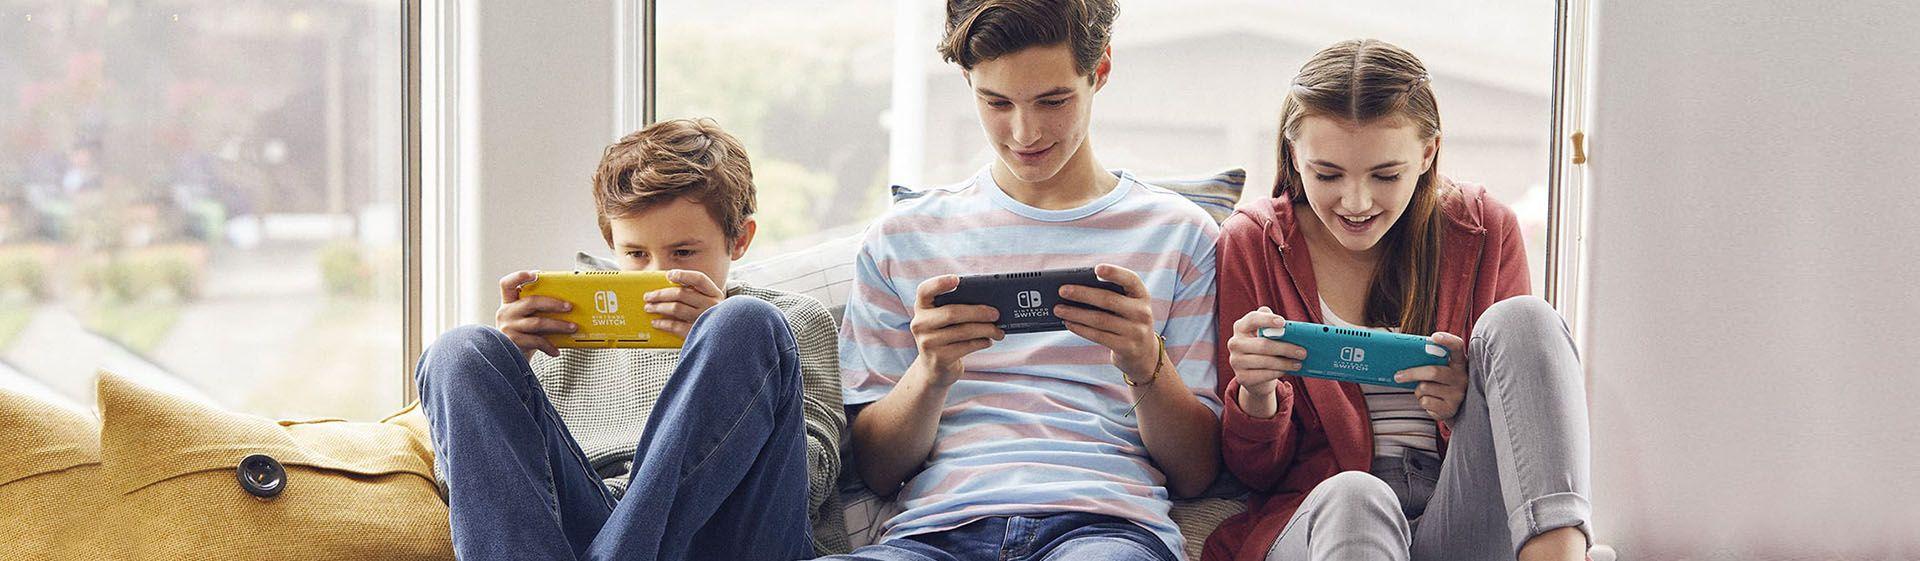 Nintendo Switch vale a pena em 2021? Analisamos preço, jogos e edições